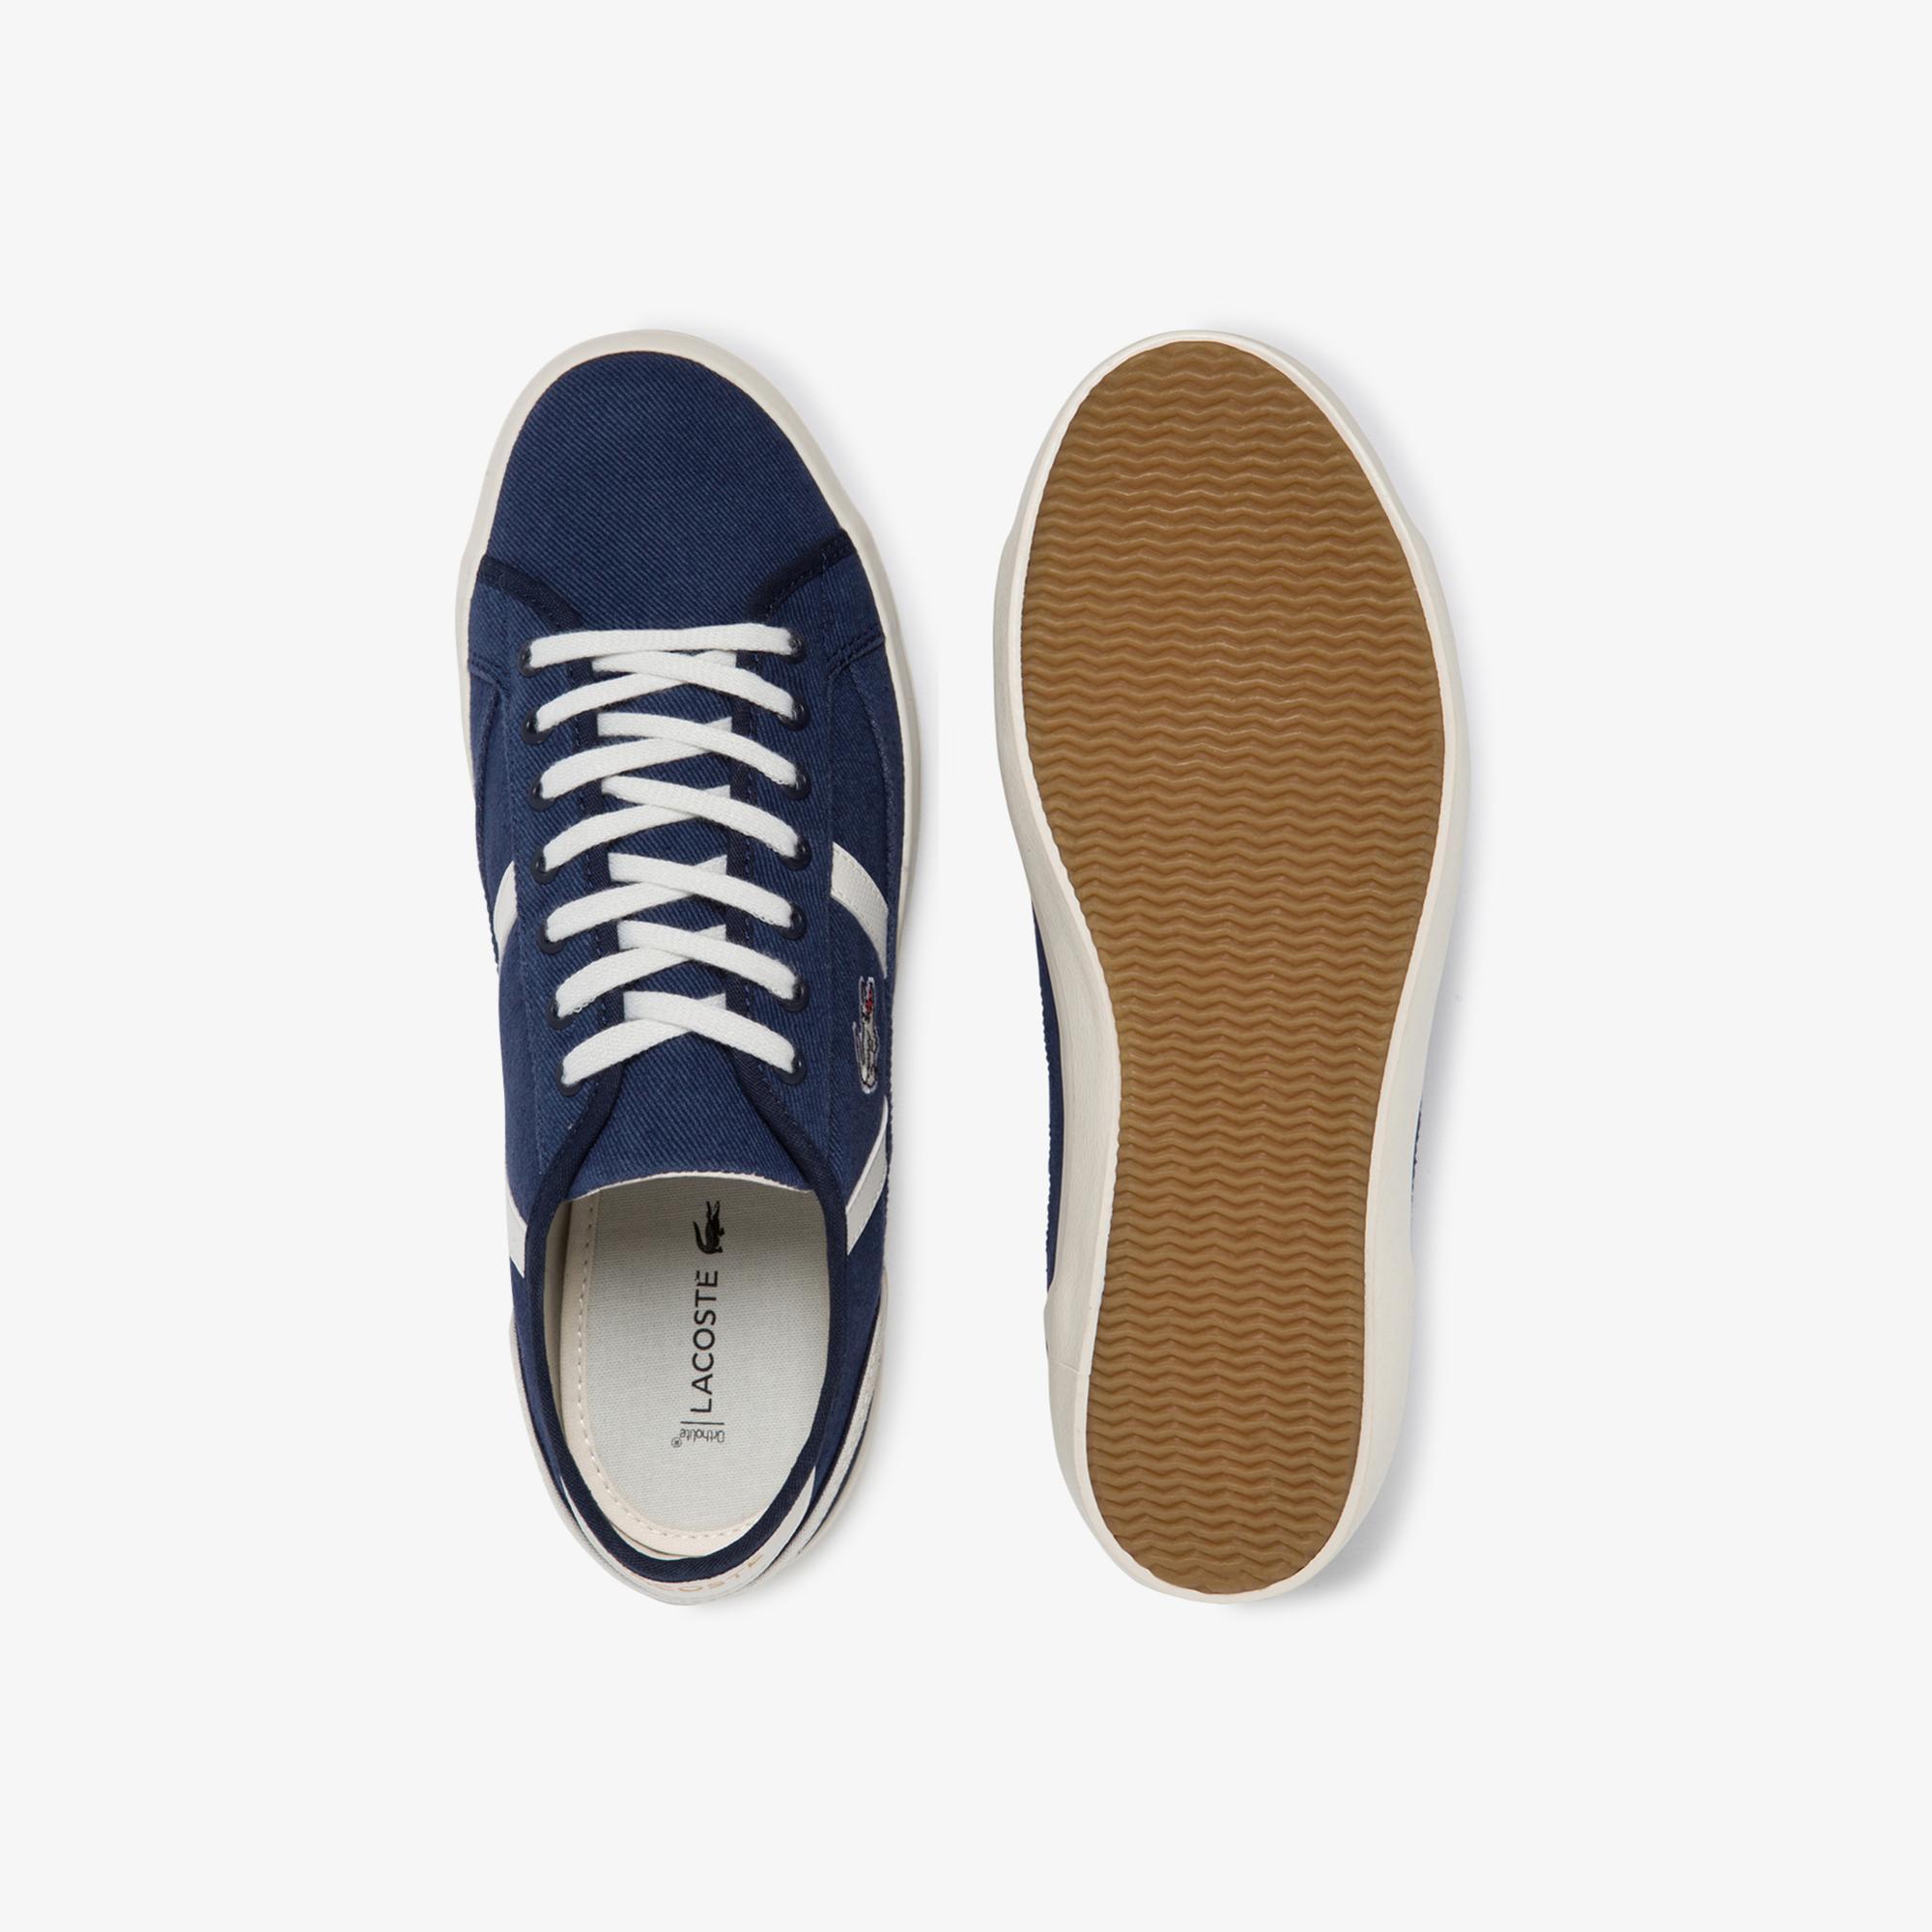 Lacoste кросівки чоловічі Sideline